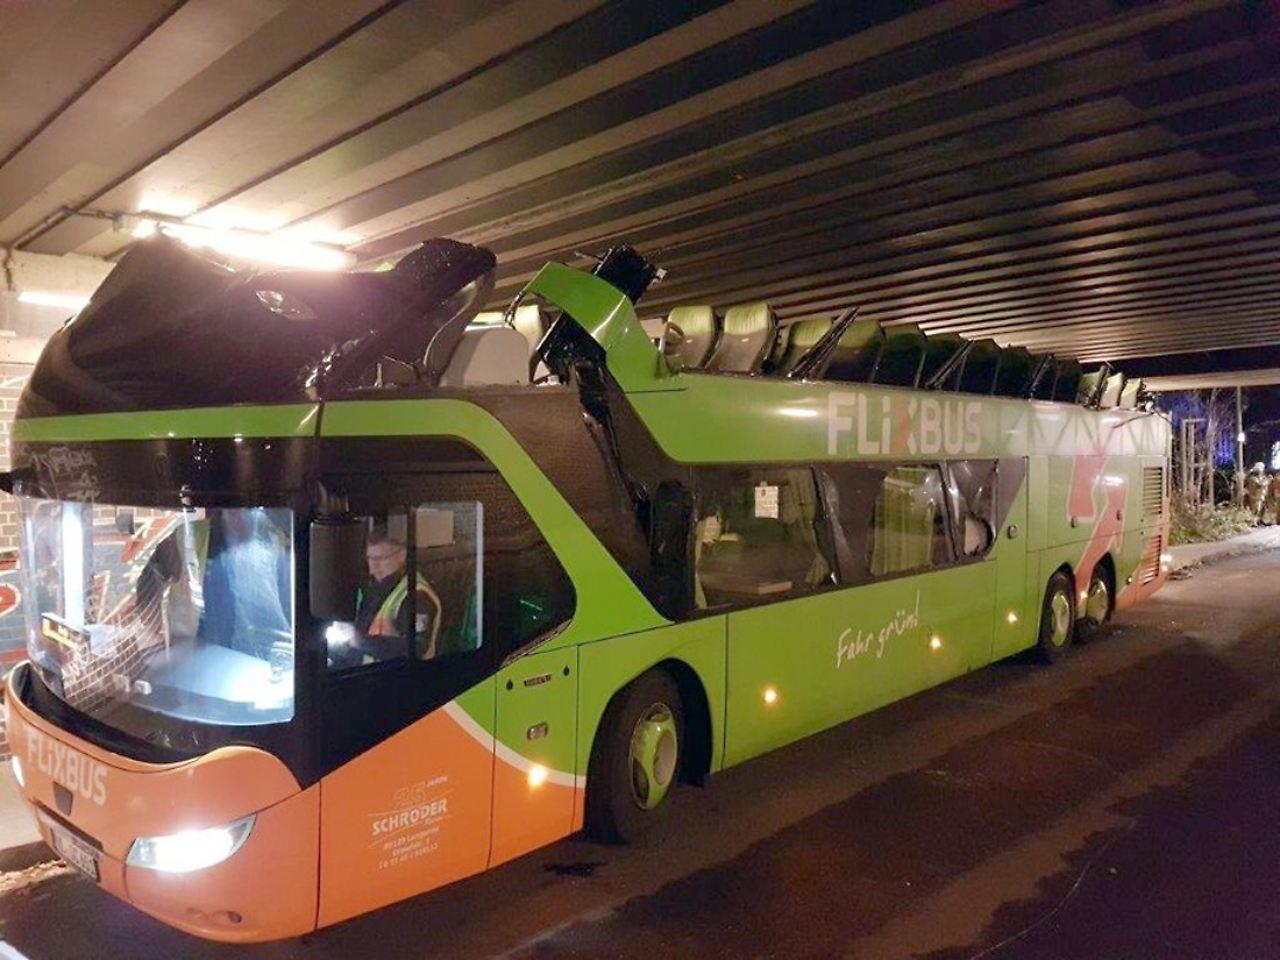 Der Bus wurde zu einer Art Cabrio